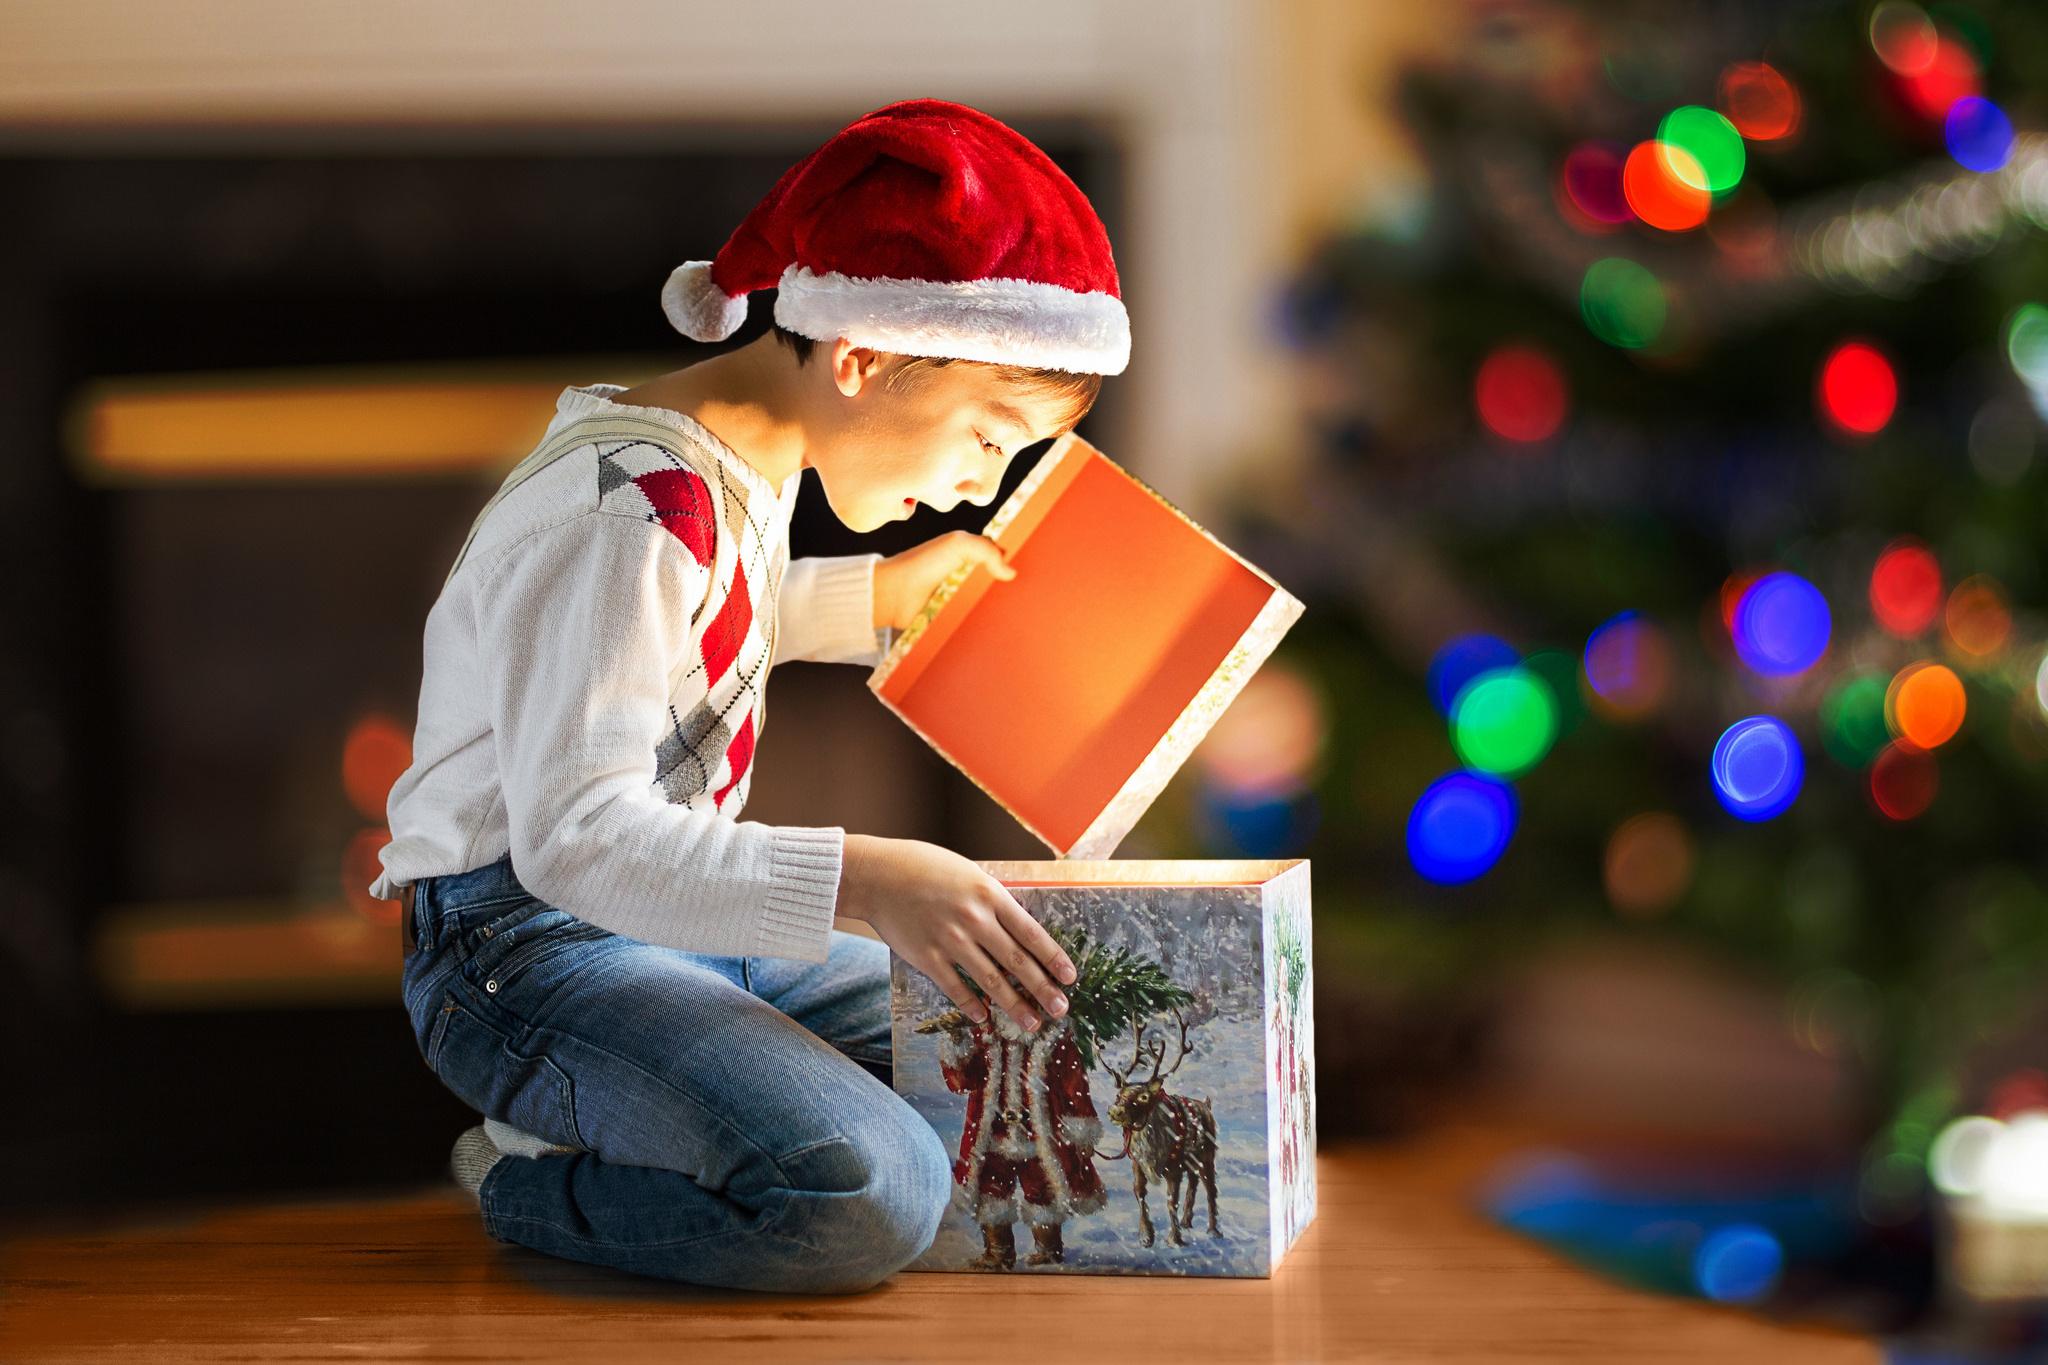 что можно подарить детям на новый год в картинках